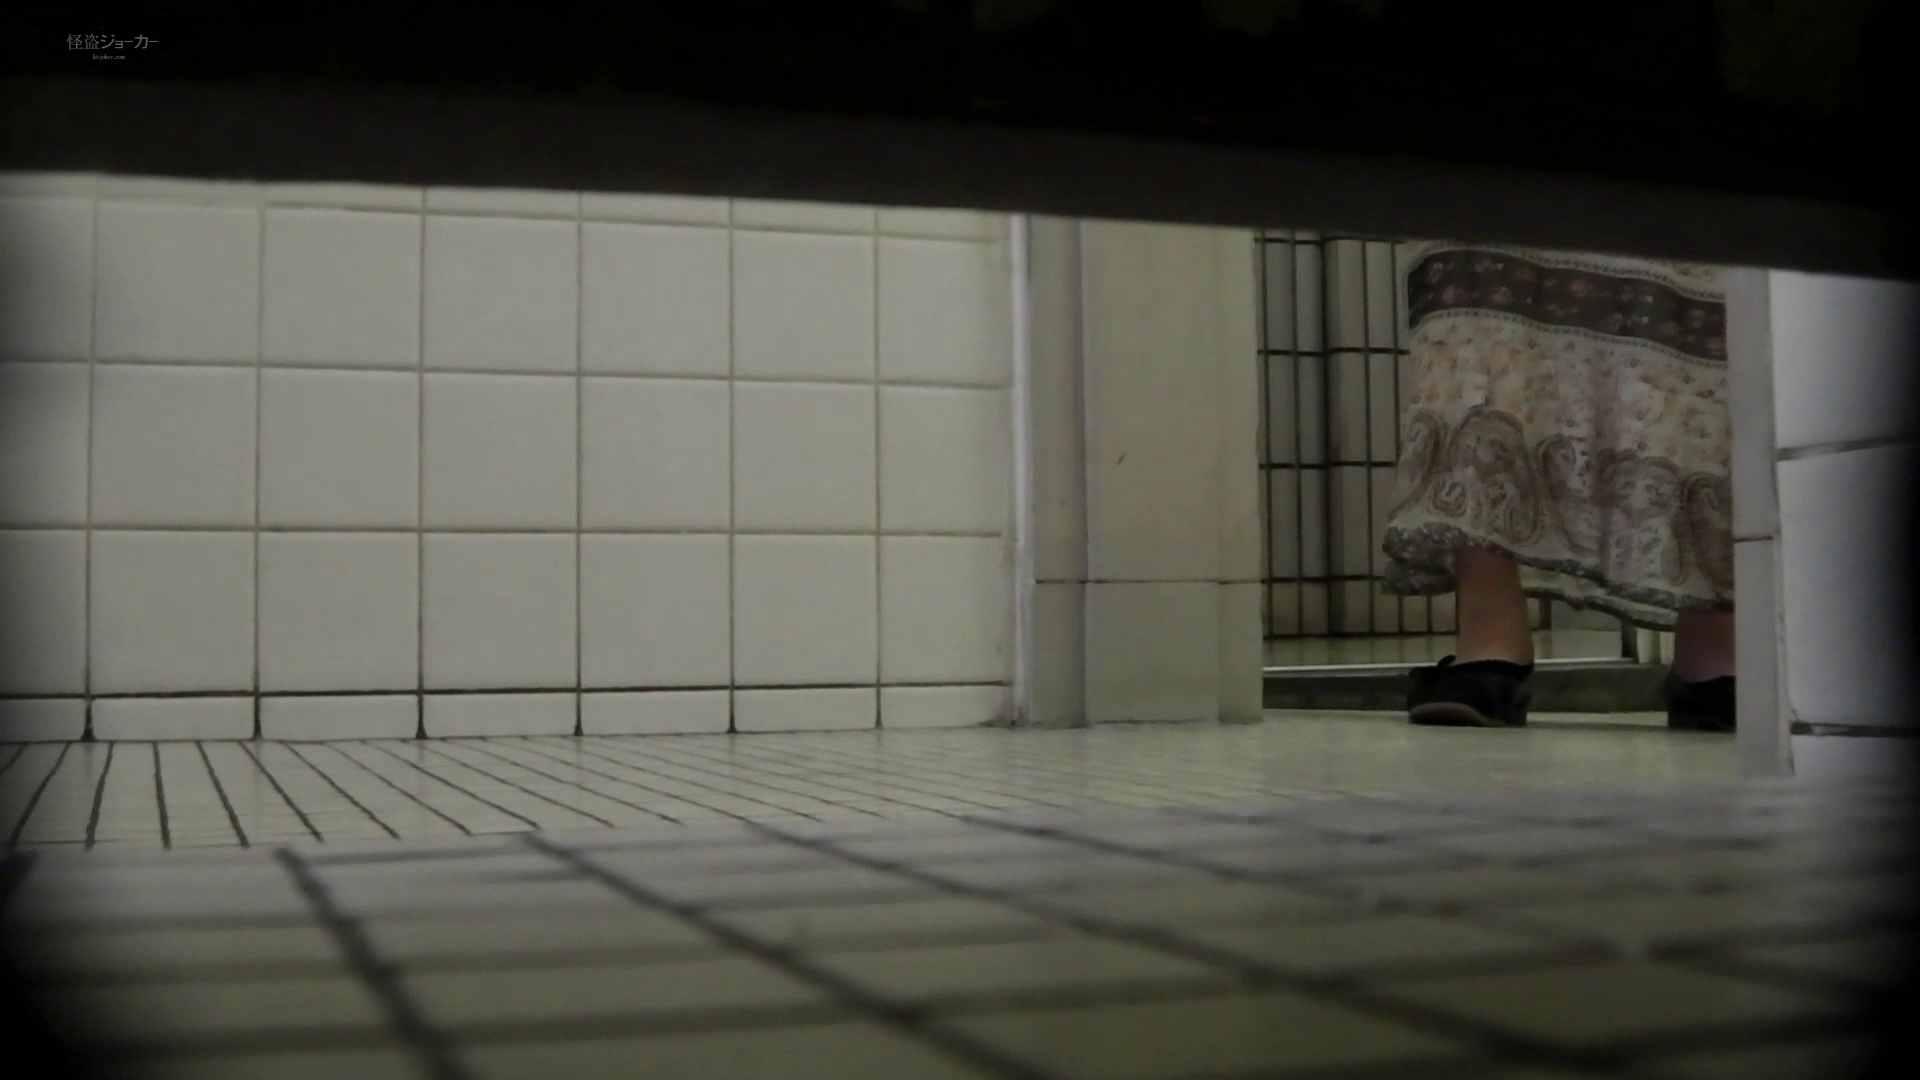 巨乳 乳首:洗面所特攻隊 vol.61必見!オールフロント特集:怪盗ジョーカー